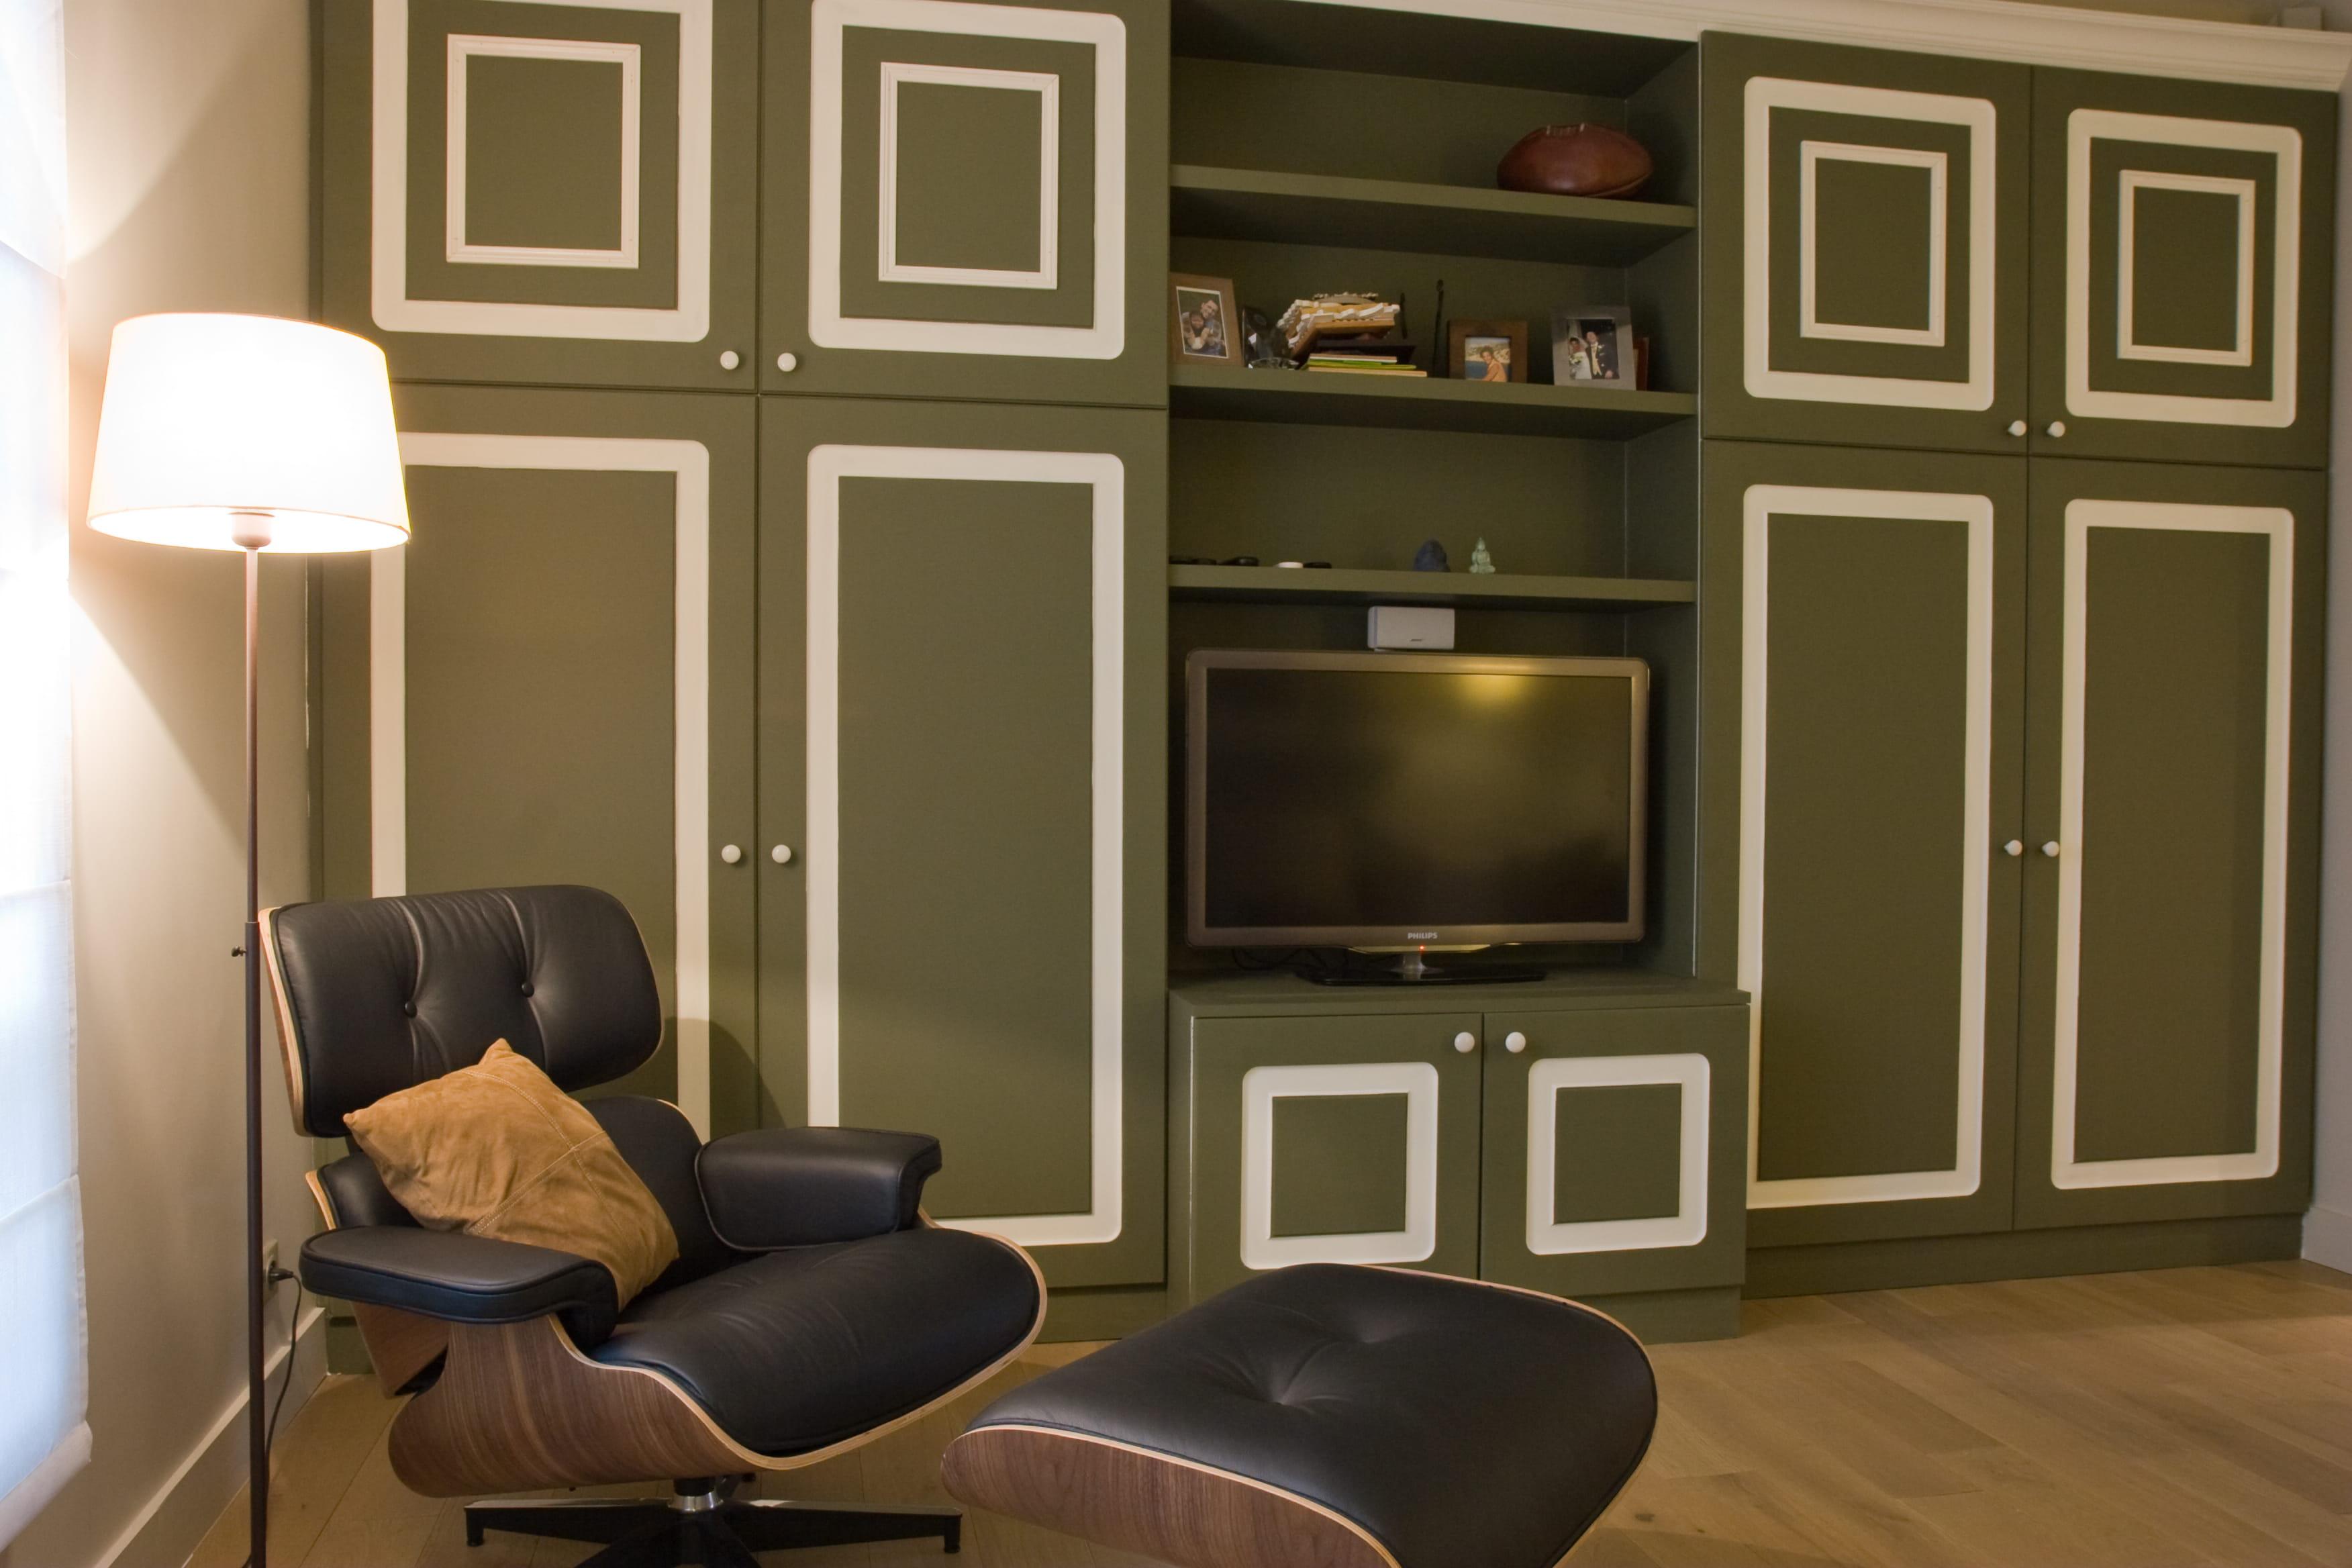 un salon t l vintage la d coration couleur kaki journal des femmes. Black Bedroom Furniture Sets. Home Design Ideas